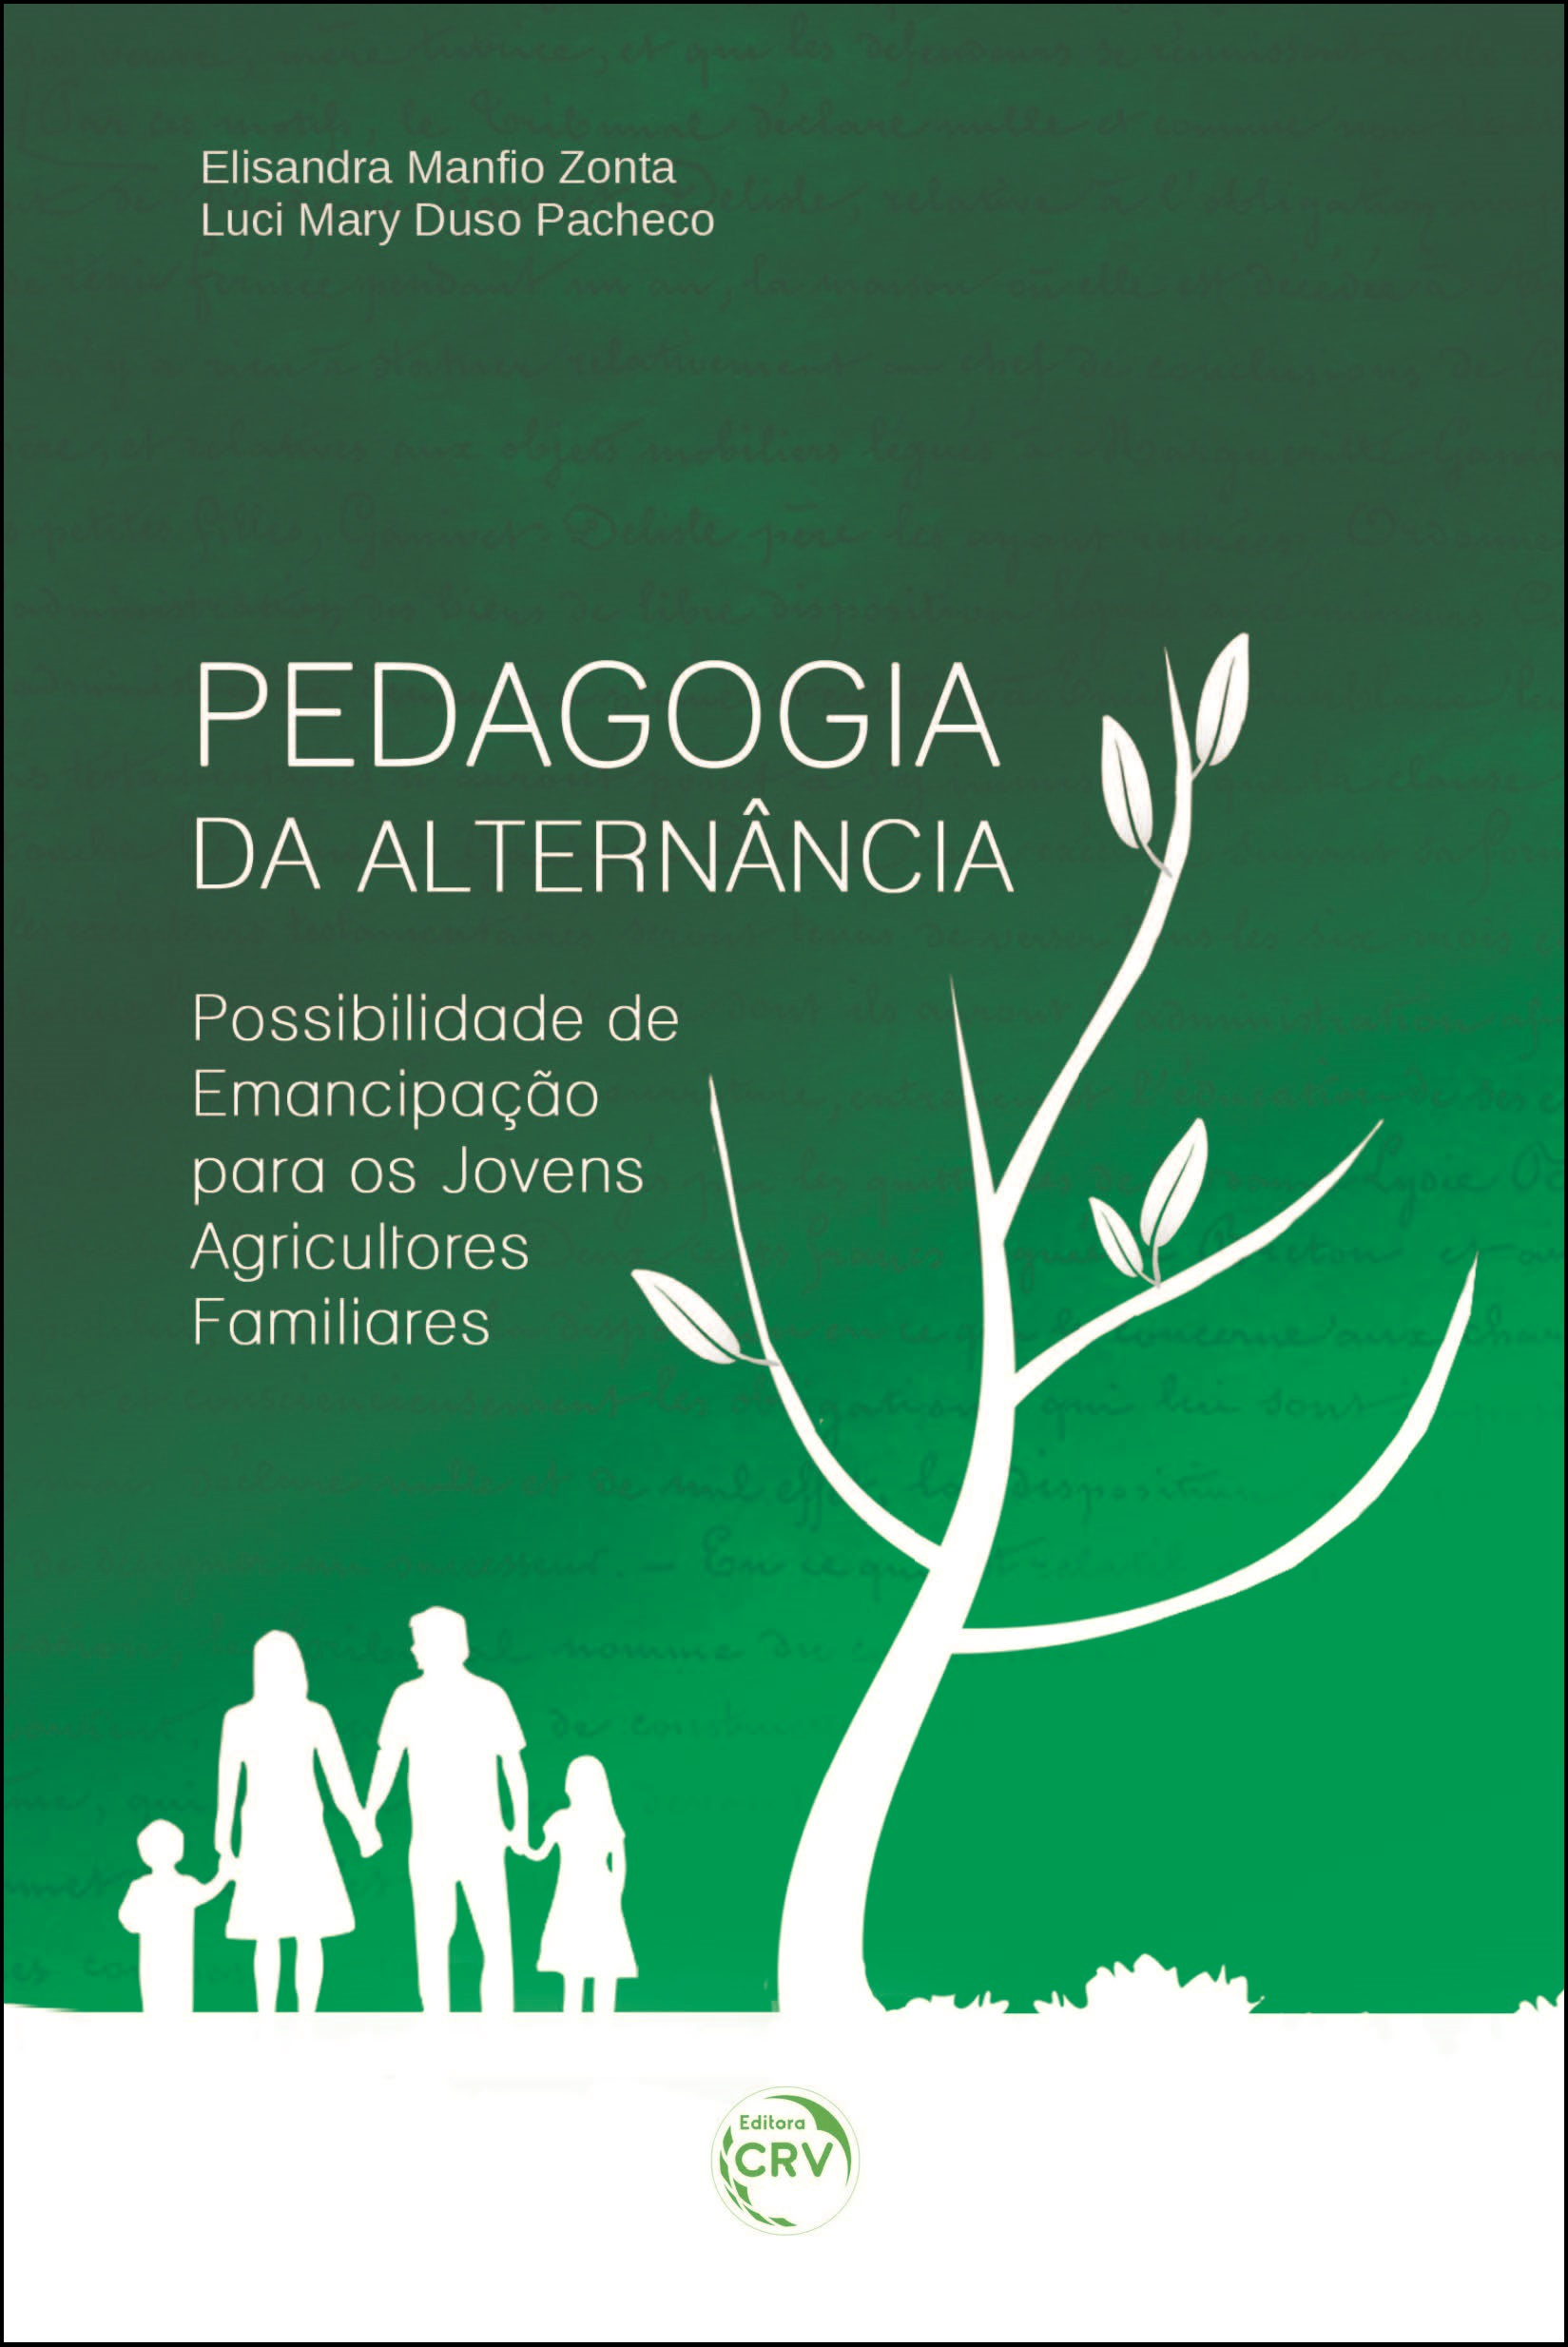 Capa do livro: PEDAGOGIA DA ALTERNÂNCIA:<br> possibilidade de emancipação para os jovens agricultores familiares